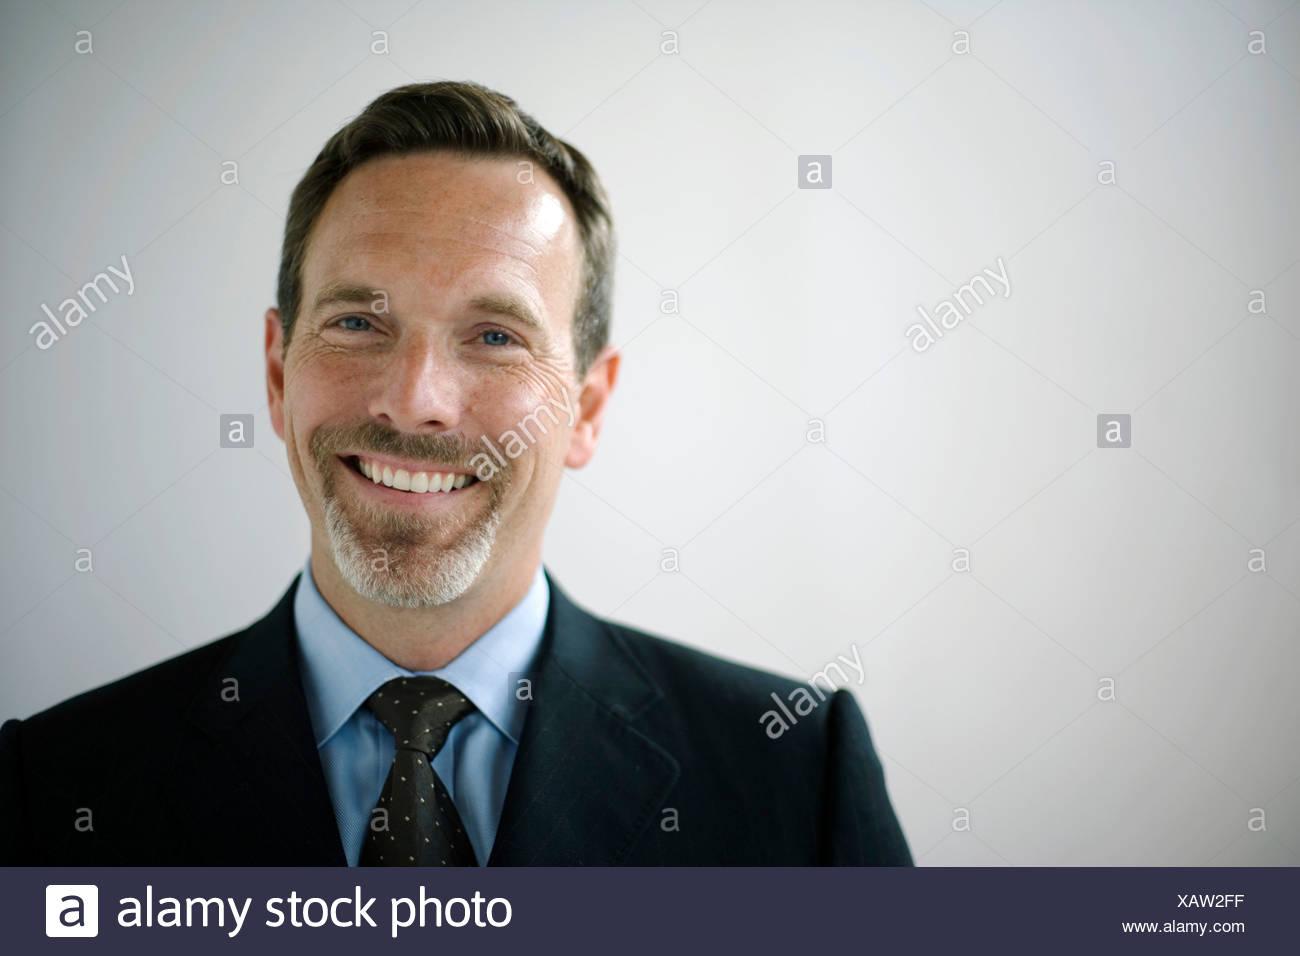 Portret di imprenditore sorridente in telecamera Immagini Stock